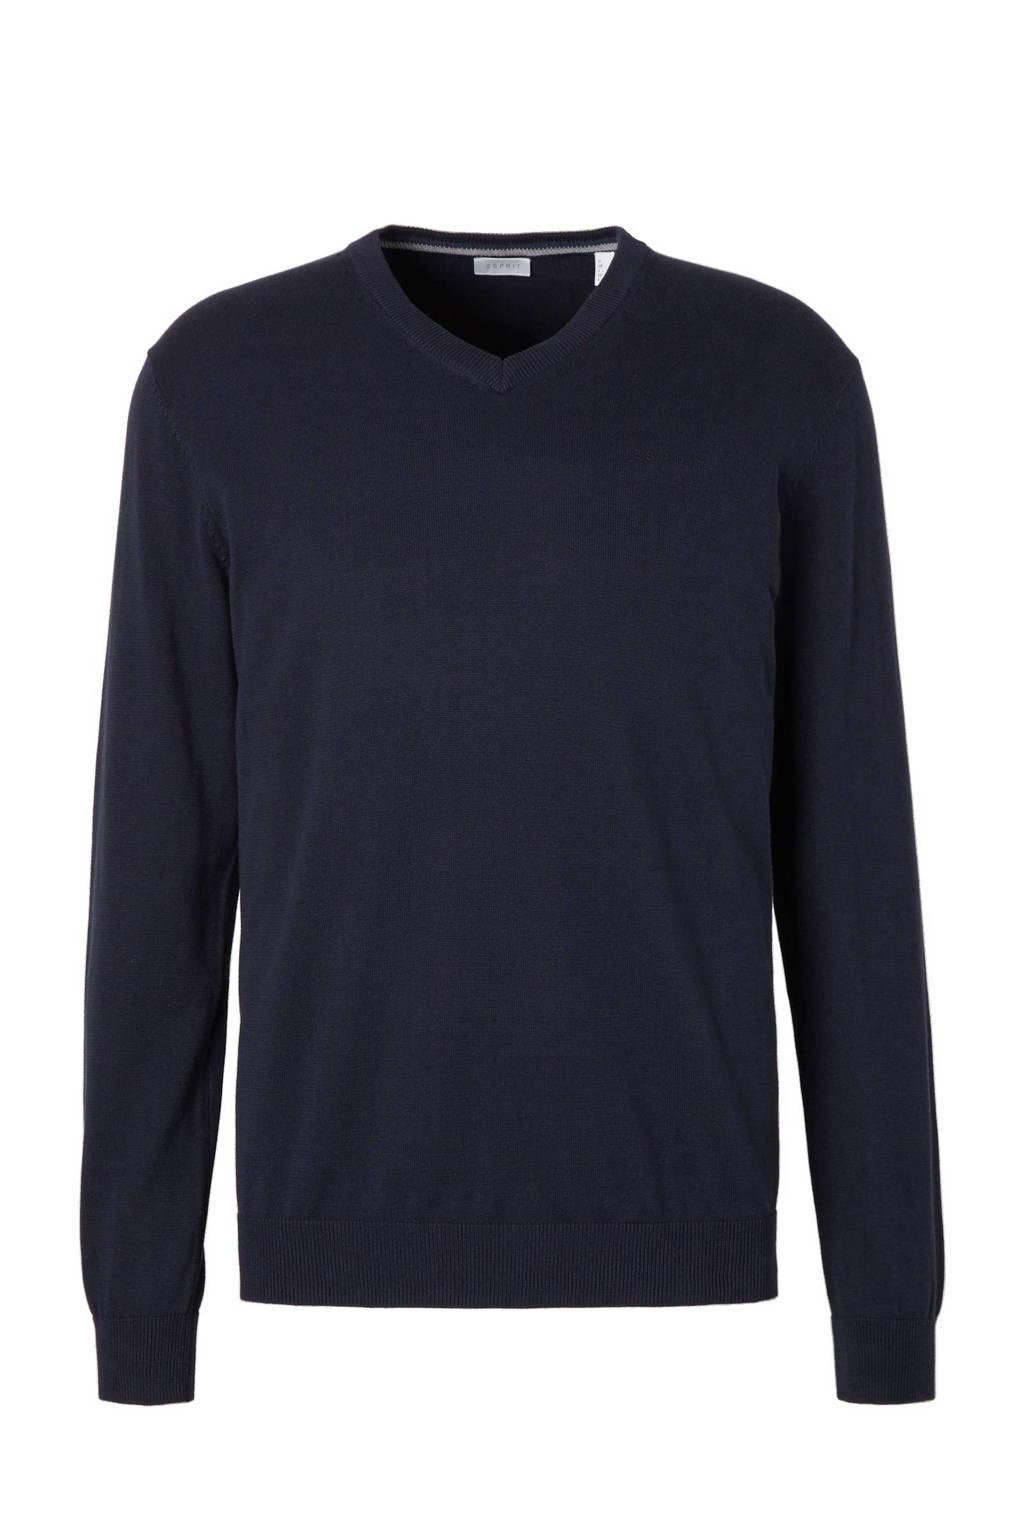 ESPRIT Men Casual trui, Donkerblauw